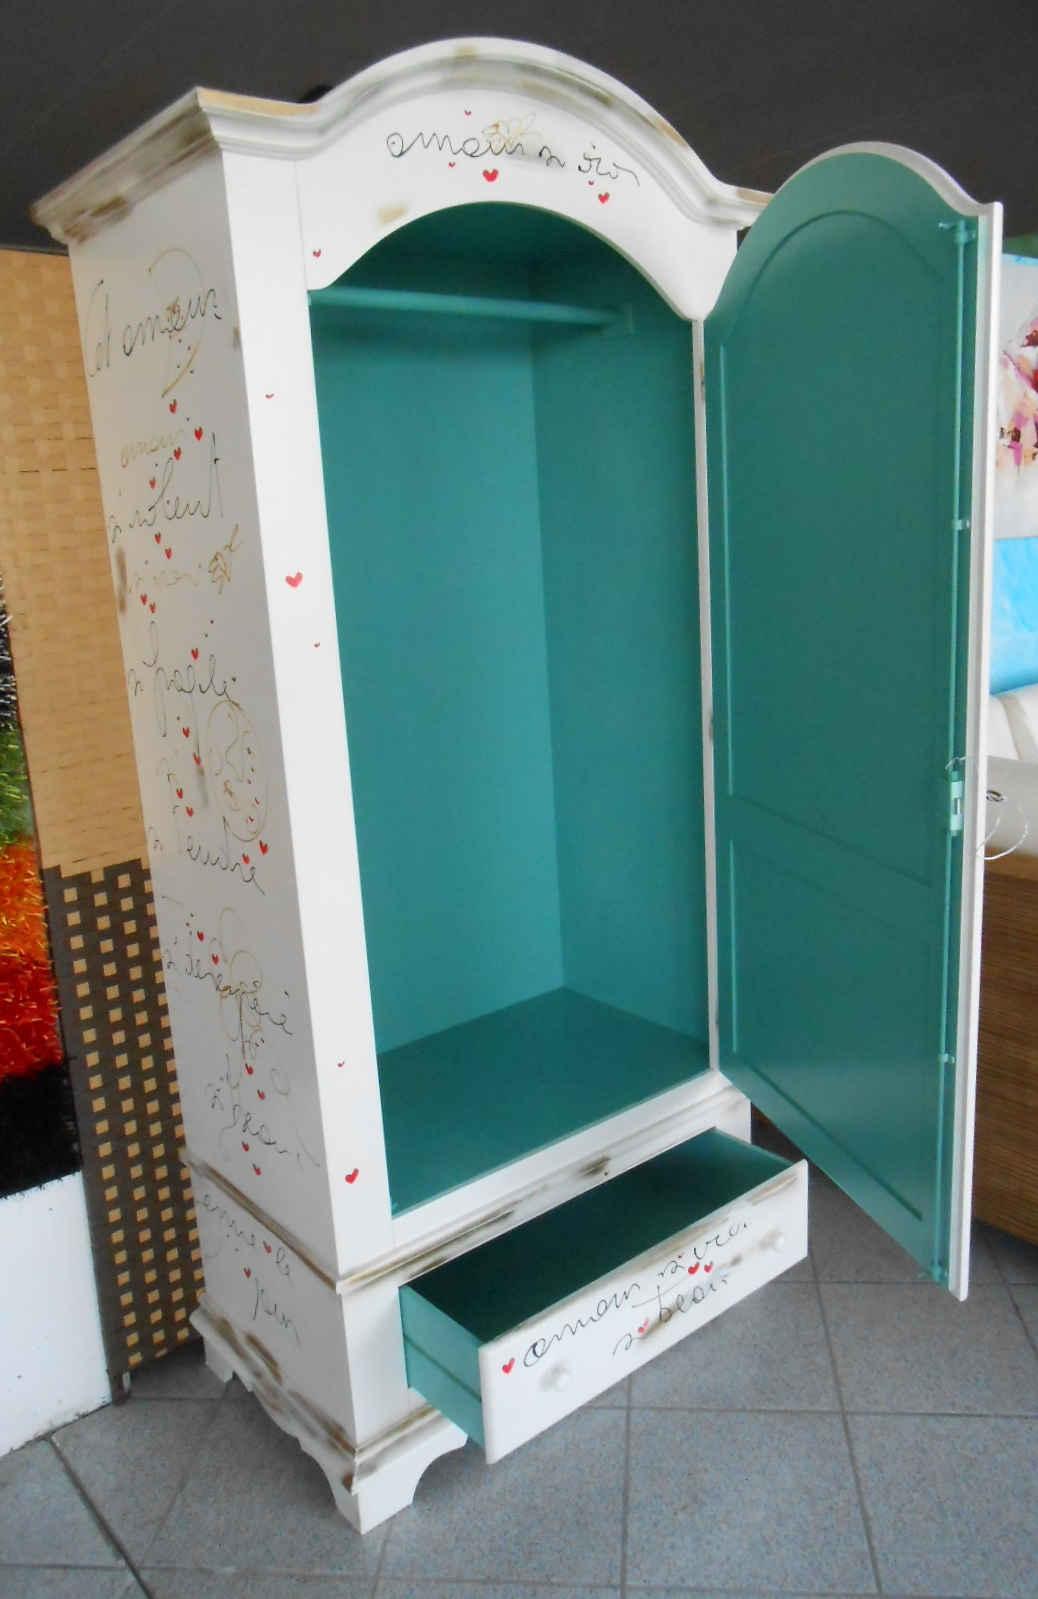 Mobili in stile vintage mobili colorati e dipinti a mano - Pomelli colorati per mobili ...